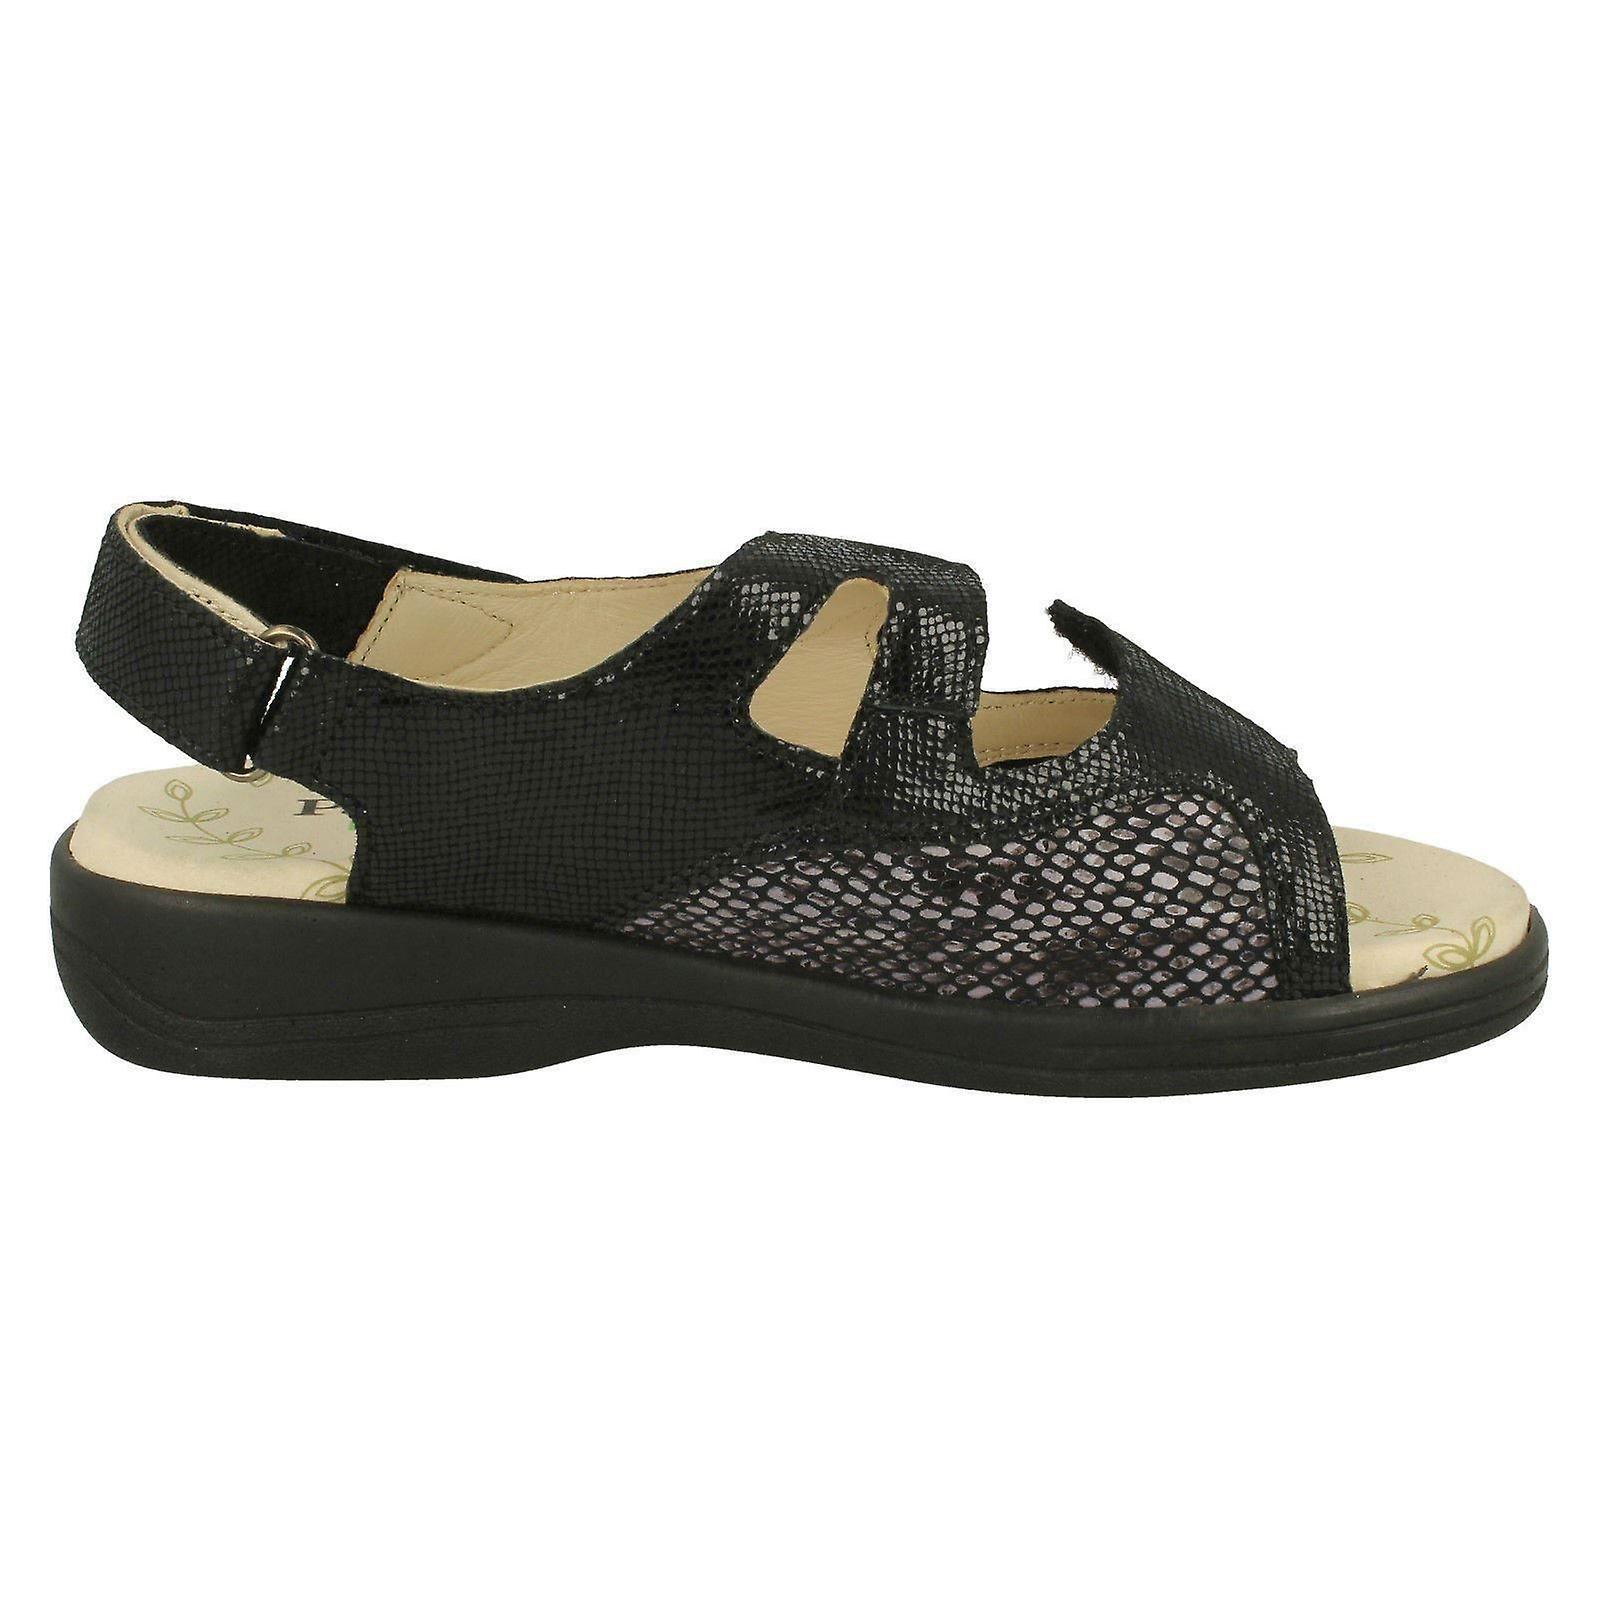 Dames Padds Crochet & Boucle Fixation Sandales Gemstone - Remise particulière